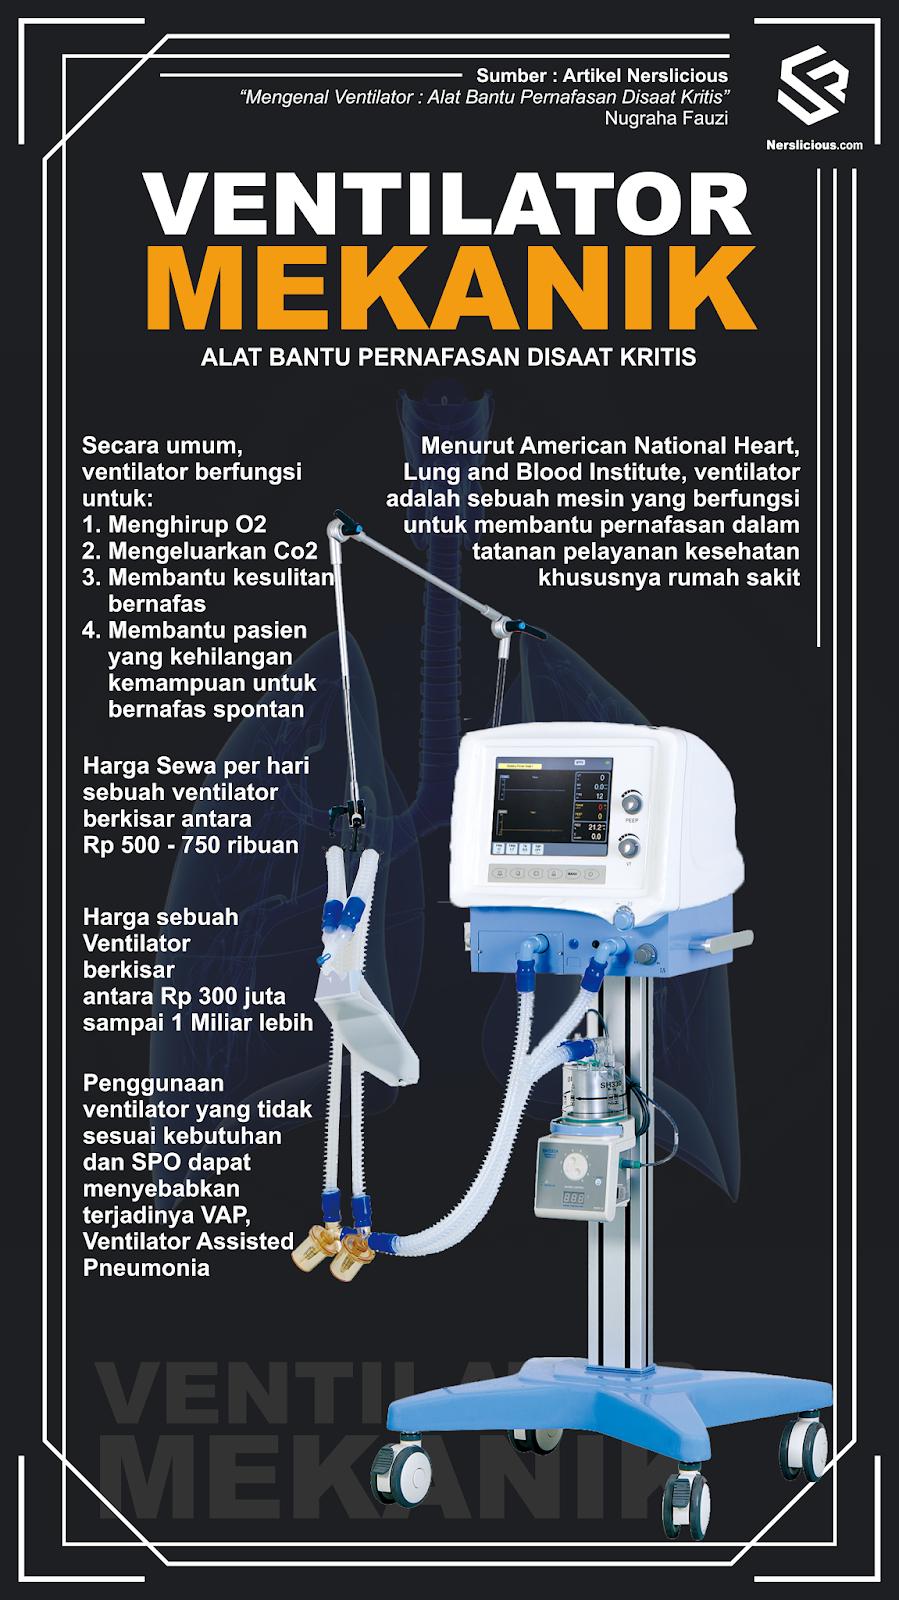 Mengenal Ventilator : Alat Bantu Pernafasan Mekanik disaat Kritis